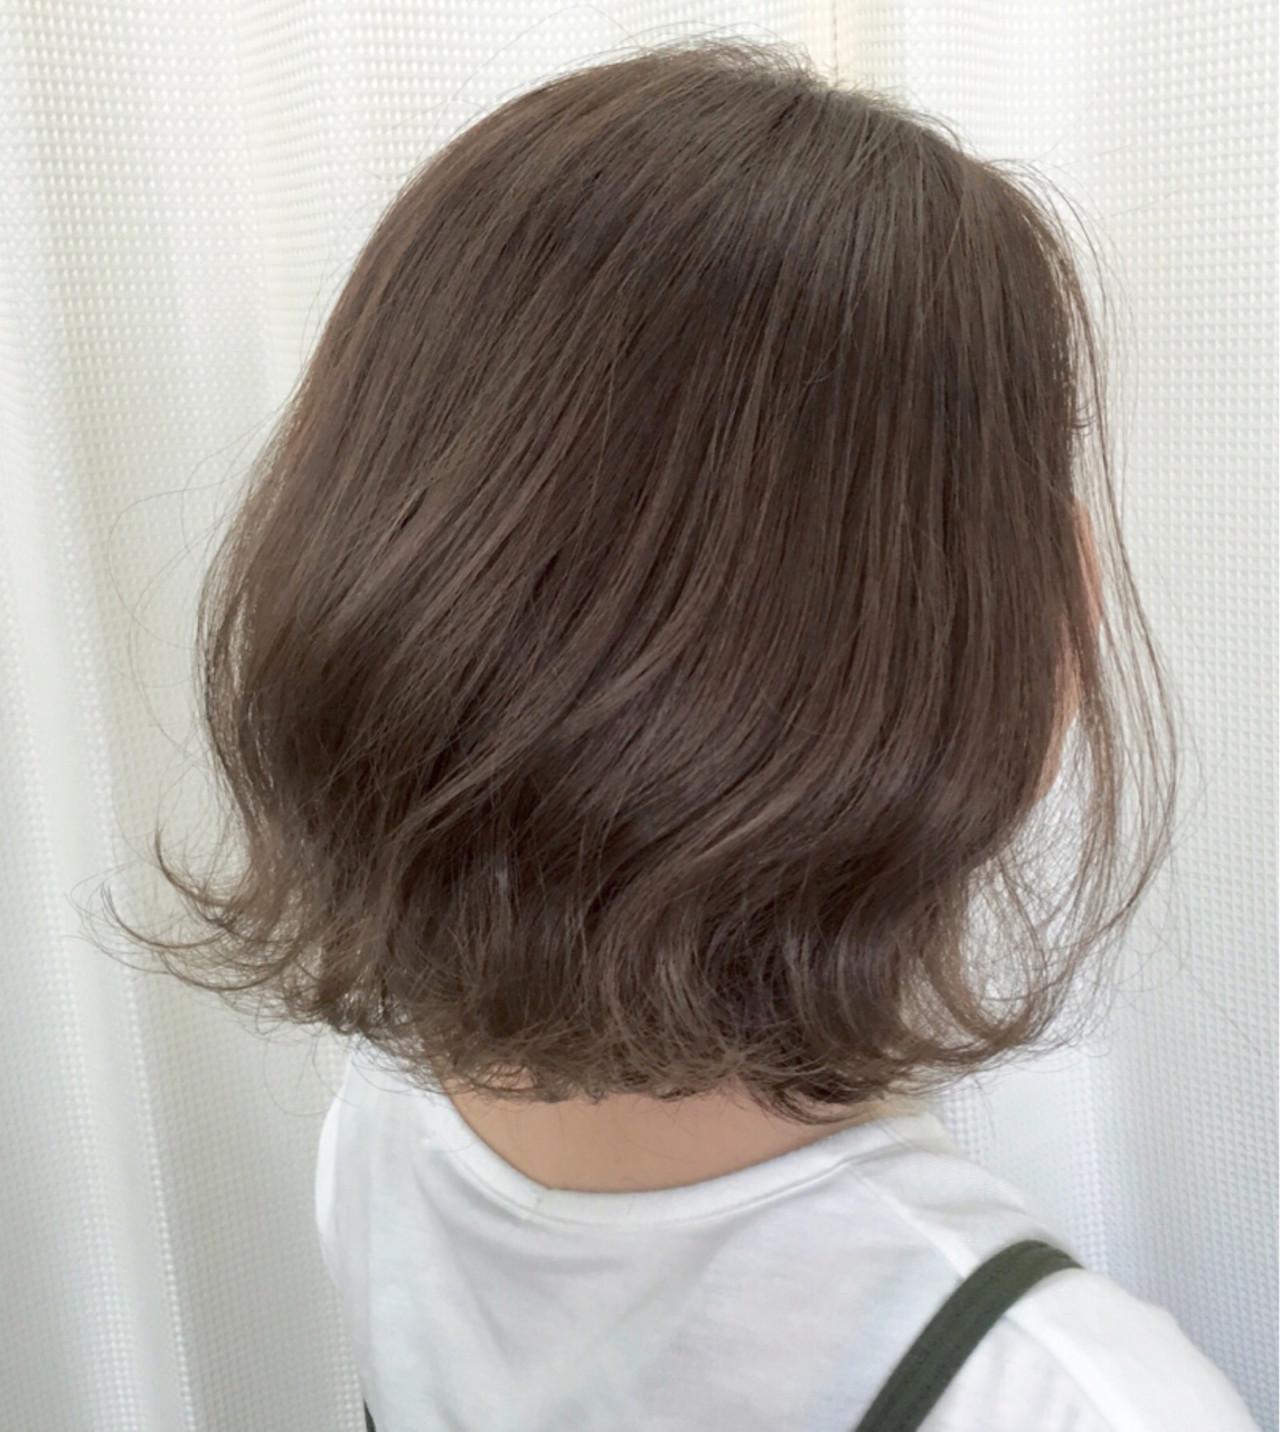 モード 外ハネ ボブ アッシュ ヘアスタイルや髪型の写真・画像 | サワ / Seamu